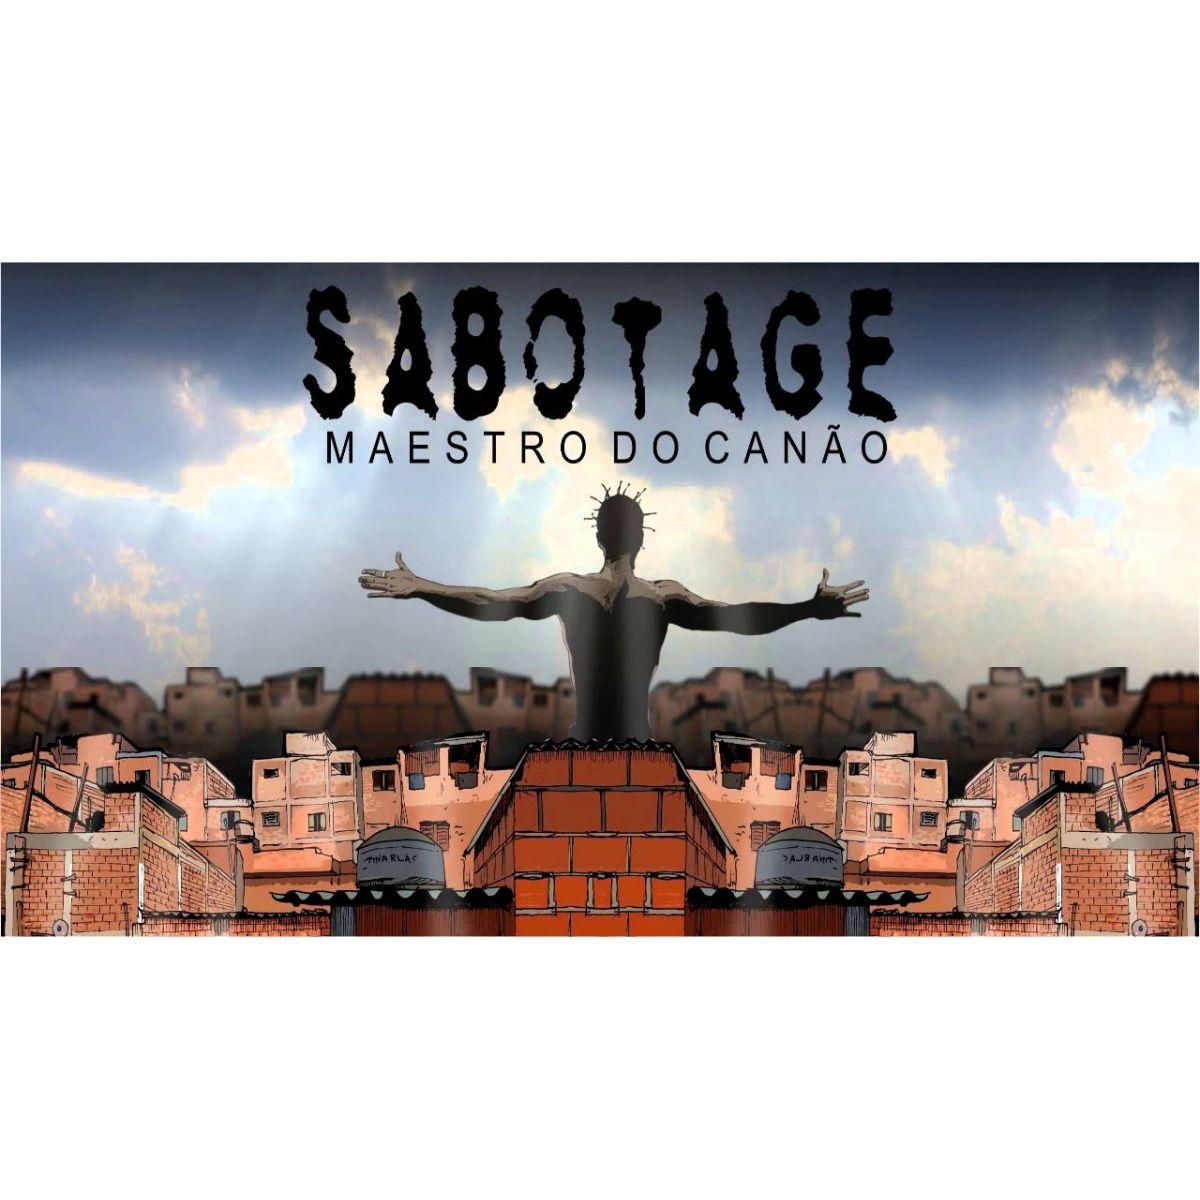 HQ Sabotage - Maestro do Canão  - LiteraRUA